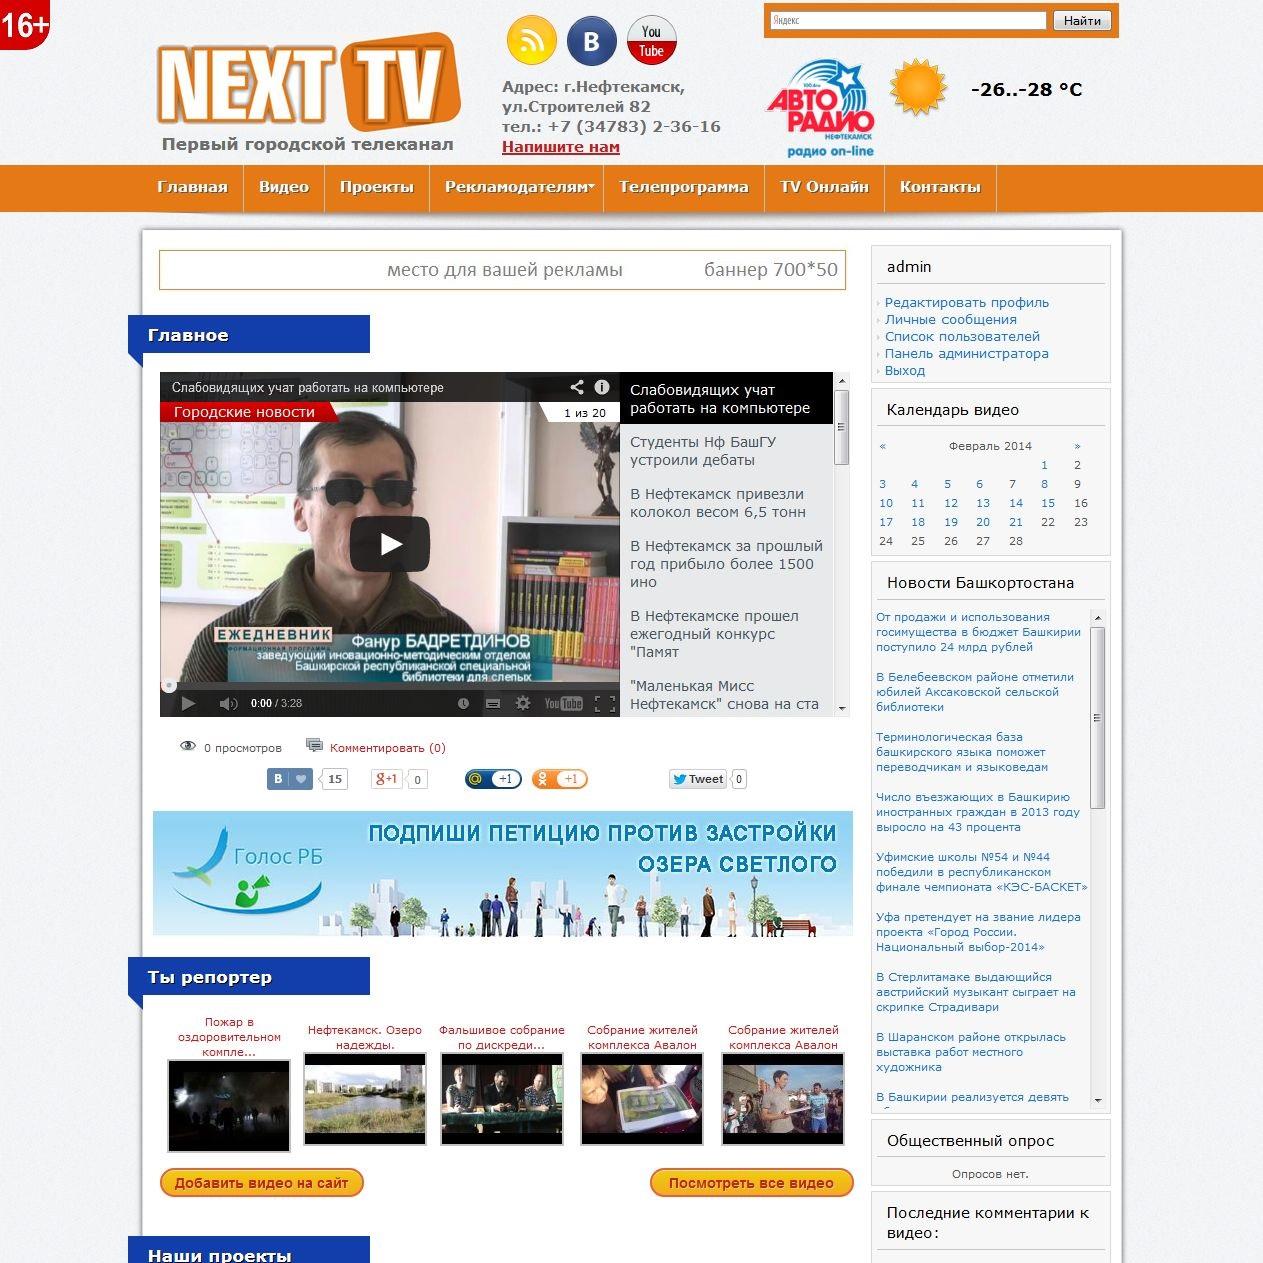 linkme.ufanet.ru/images/818aea7fc0e87638a50d913e88b769ee.jpg